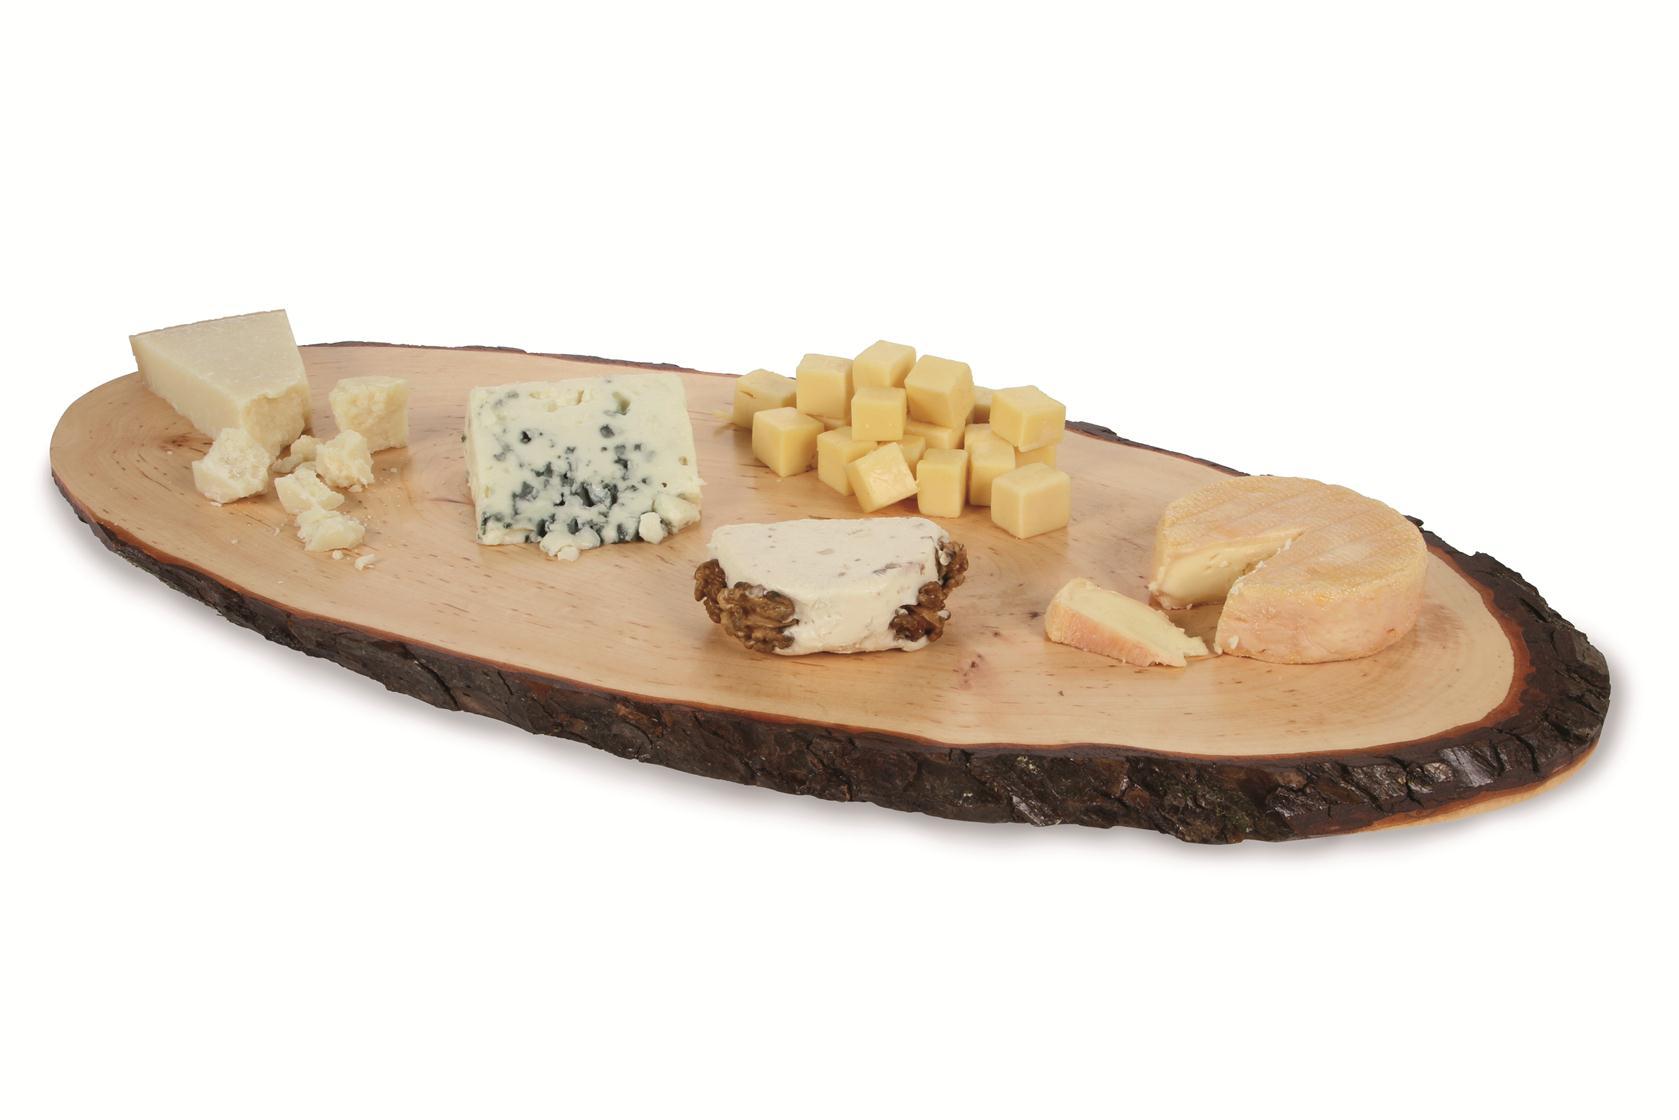 BOSKA, Käsebrett mit Rinde, Esche, ca. 56 - 65 cm